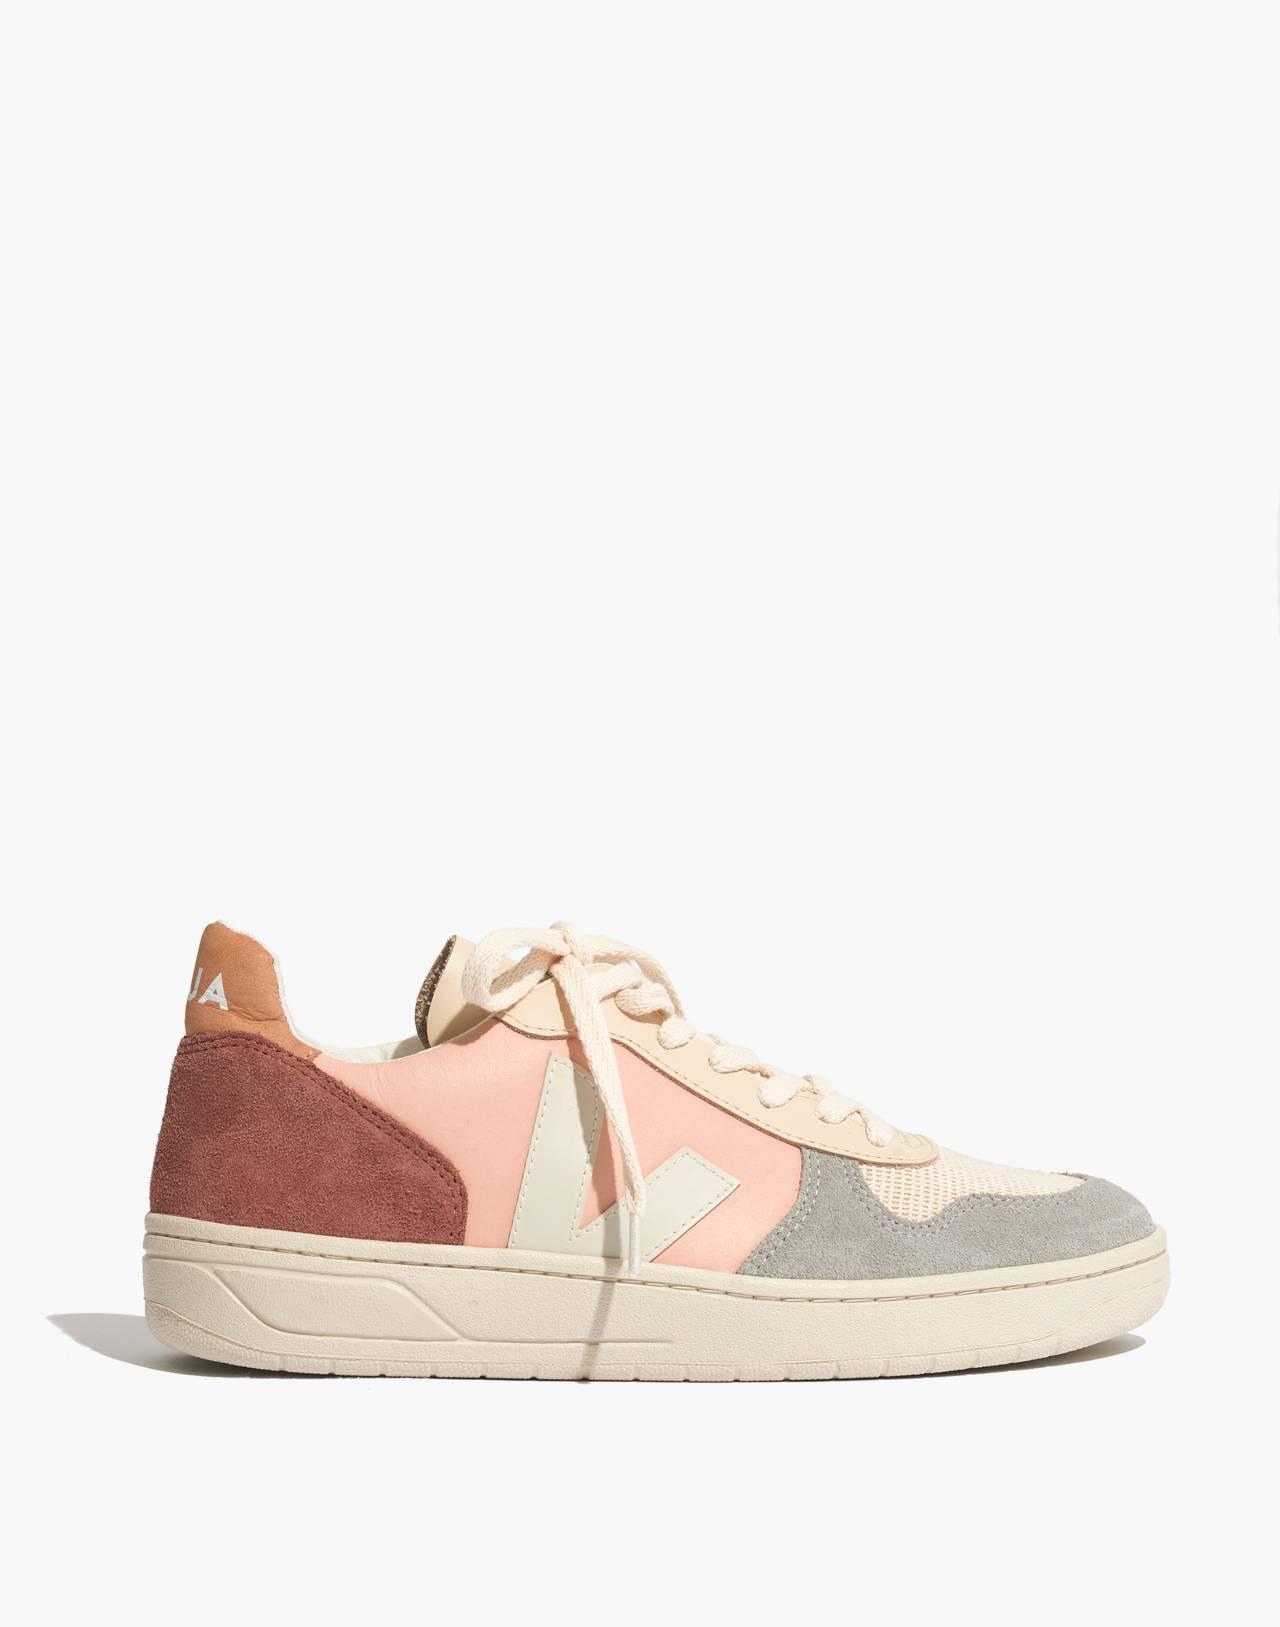 Veja™ V-10 Sneakers in Colorblock in nude multi image 3